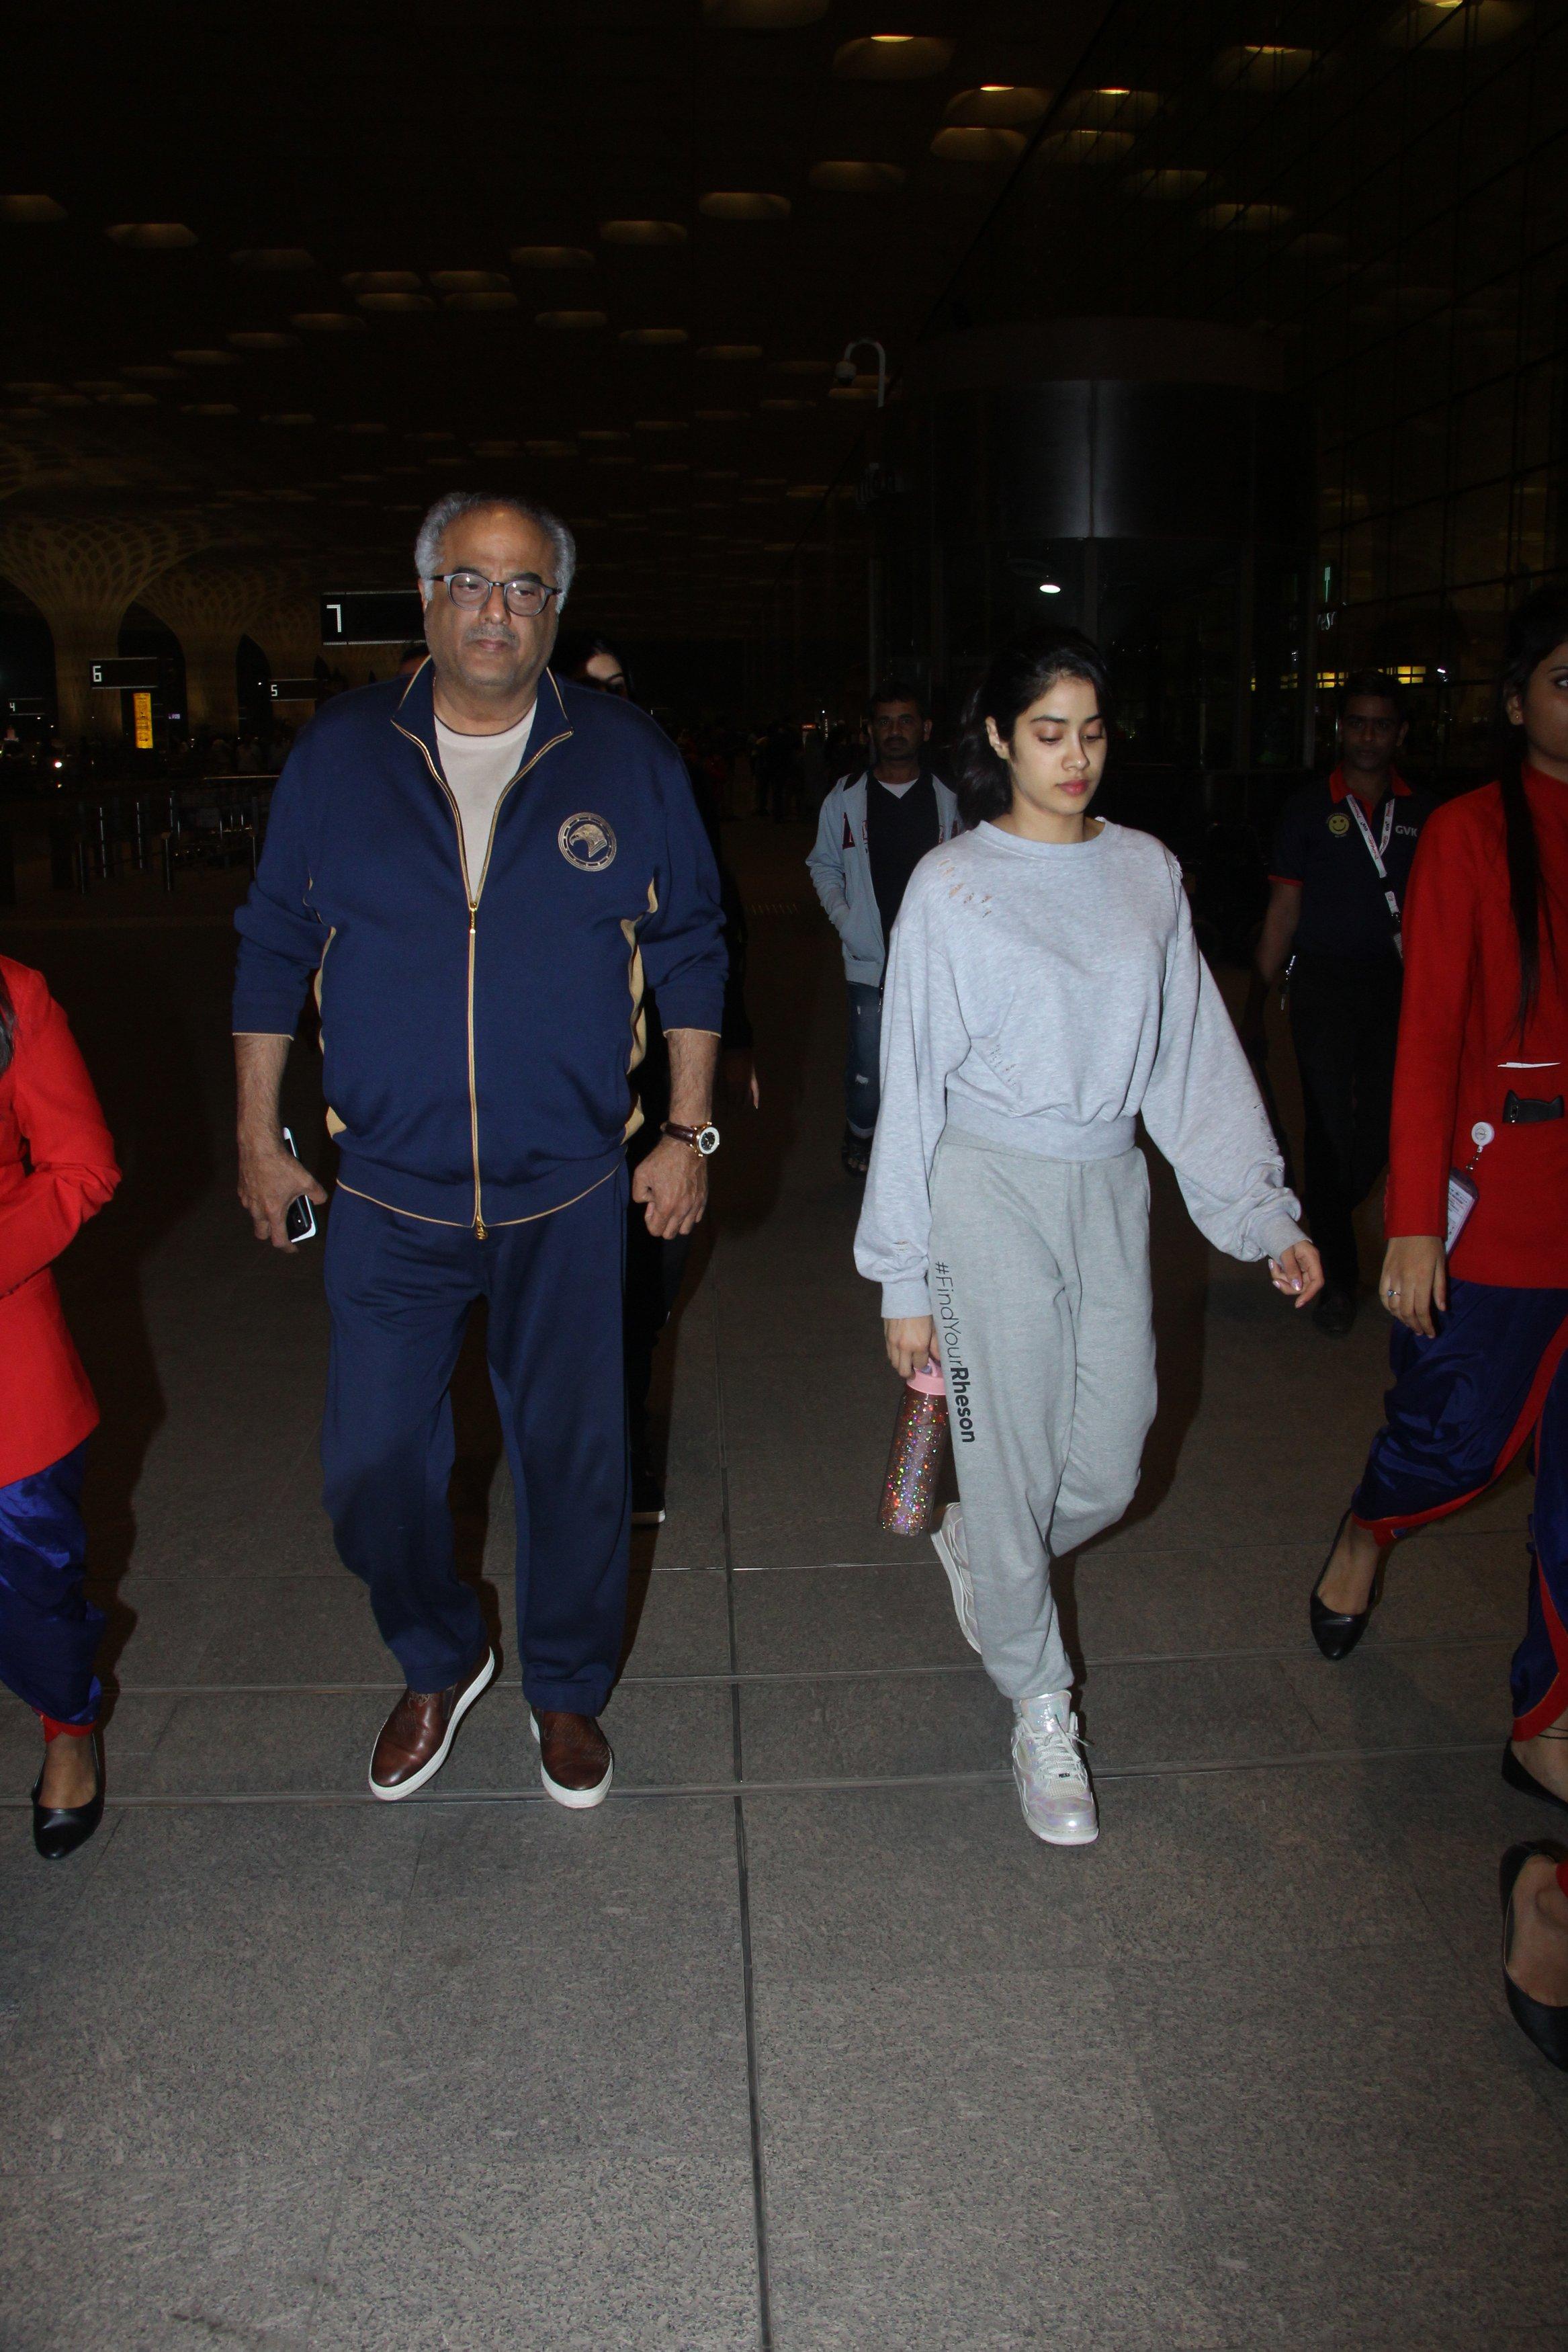 बोनी कपूर भी बेटी जान्हवी के साथ एयरपोर्ट पर नजर आए. इस दौरान जान्हवी बेहद सिंपल लुक में नज़र आईं.